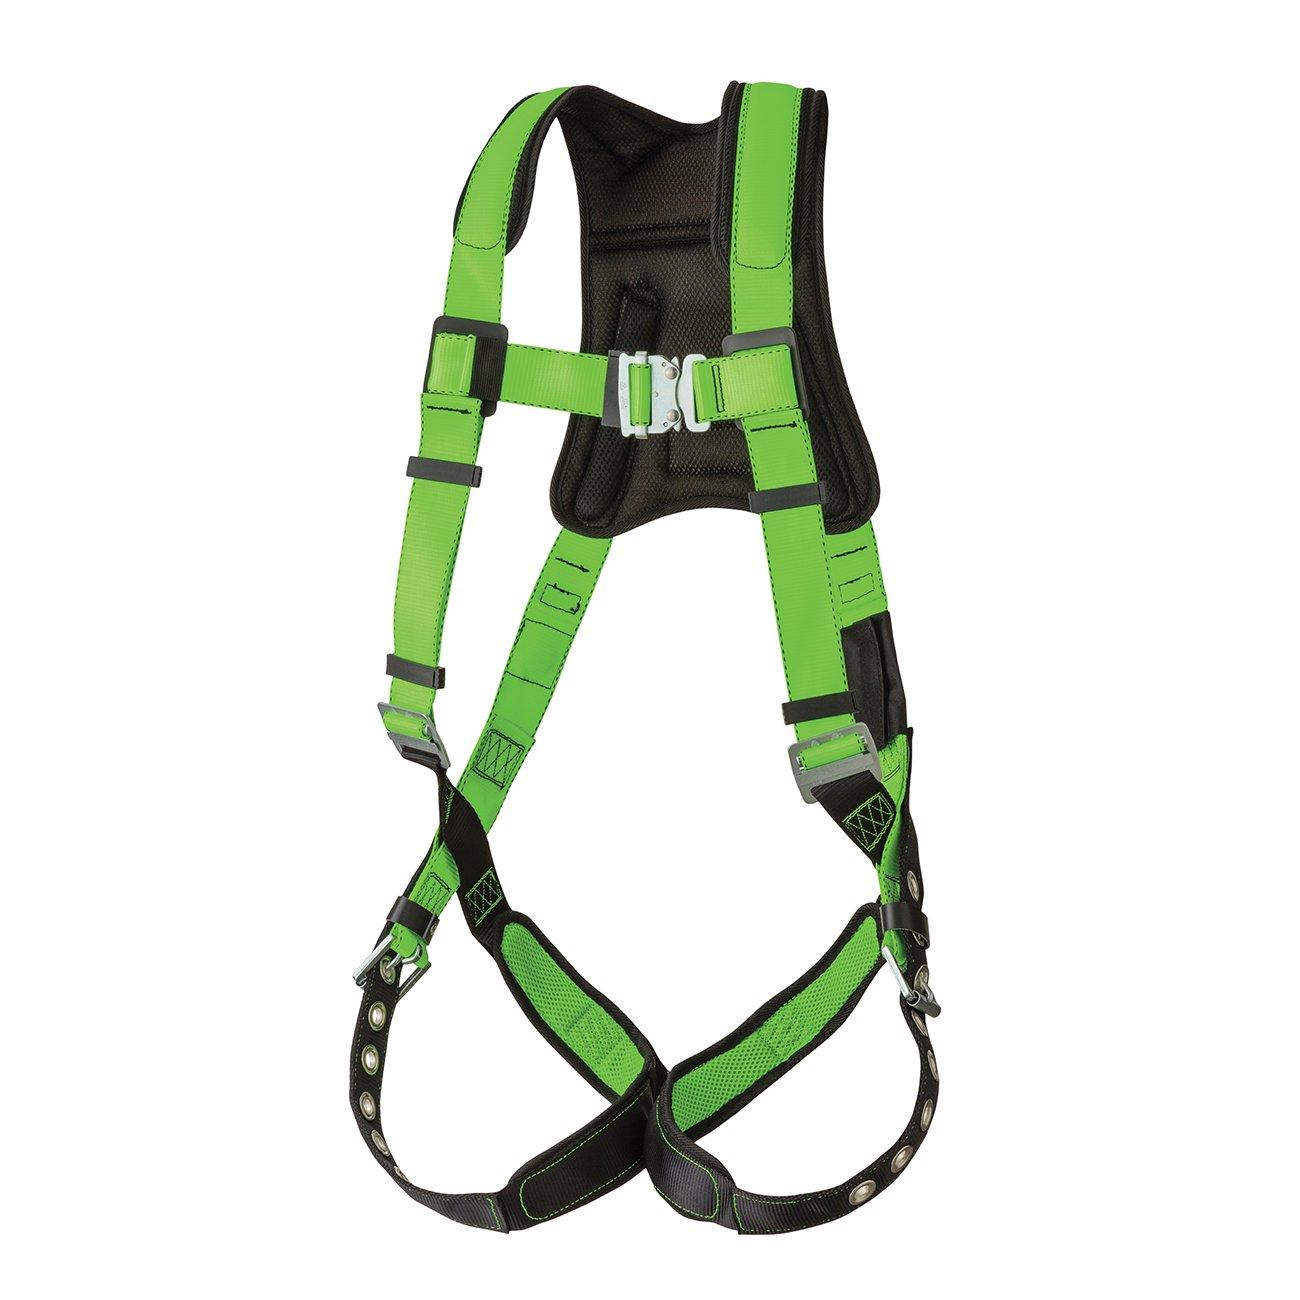 Peakworks Fall Protection V8006200 Peak Pro Series, Full Body Padded Safety Harness, Back D-Ring, Grommet, Polyester, Universal